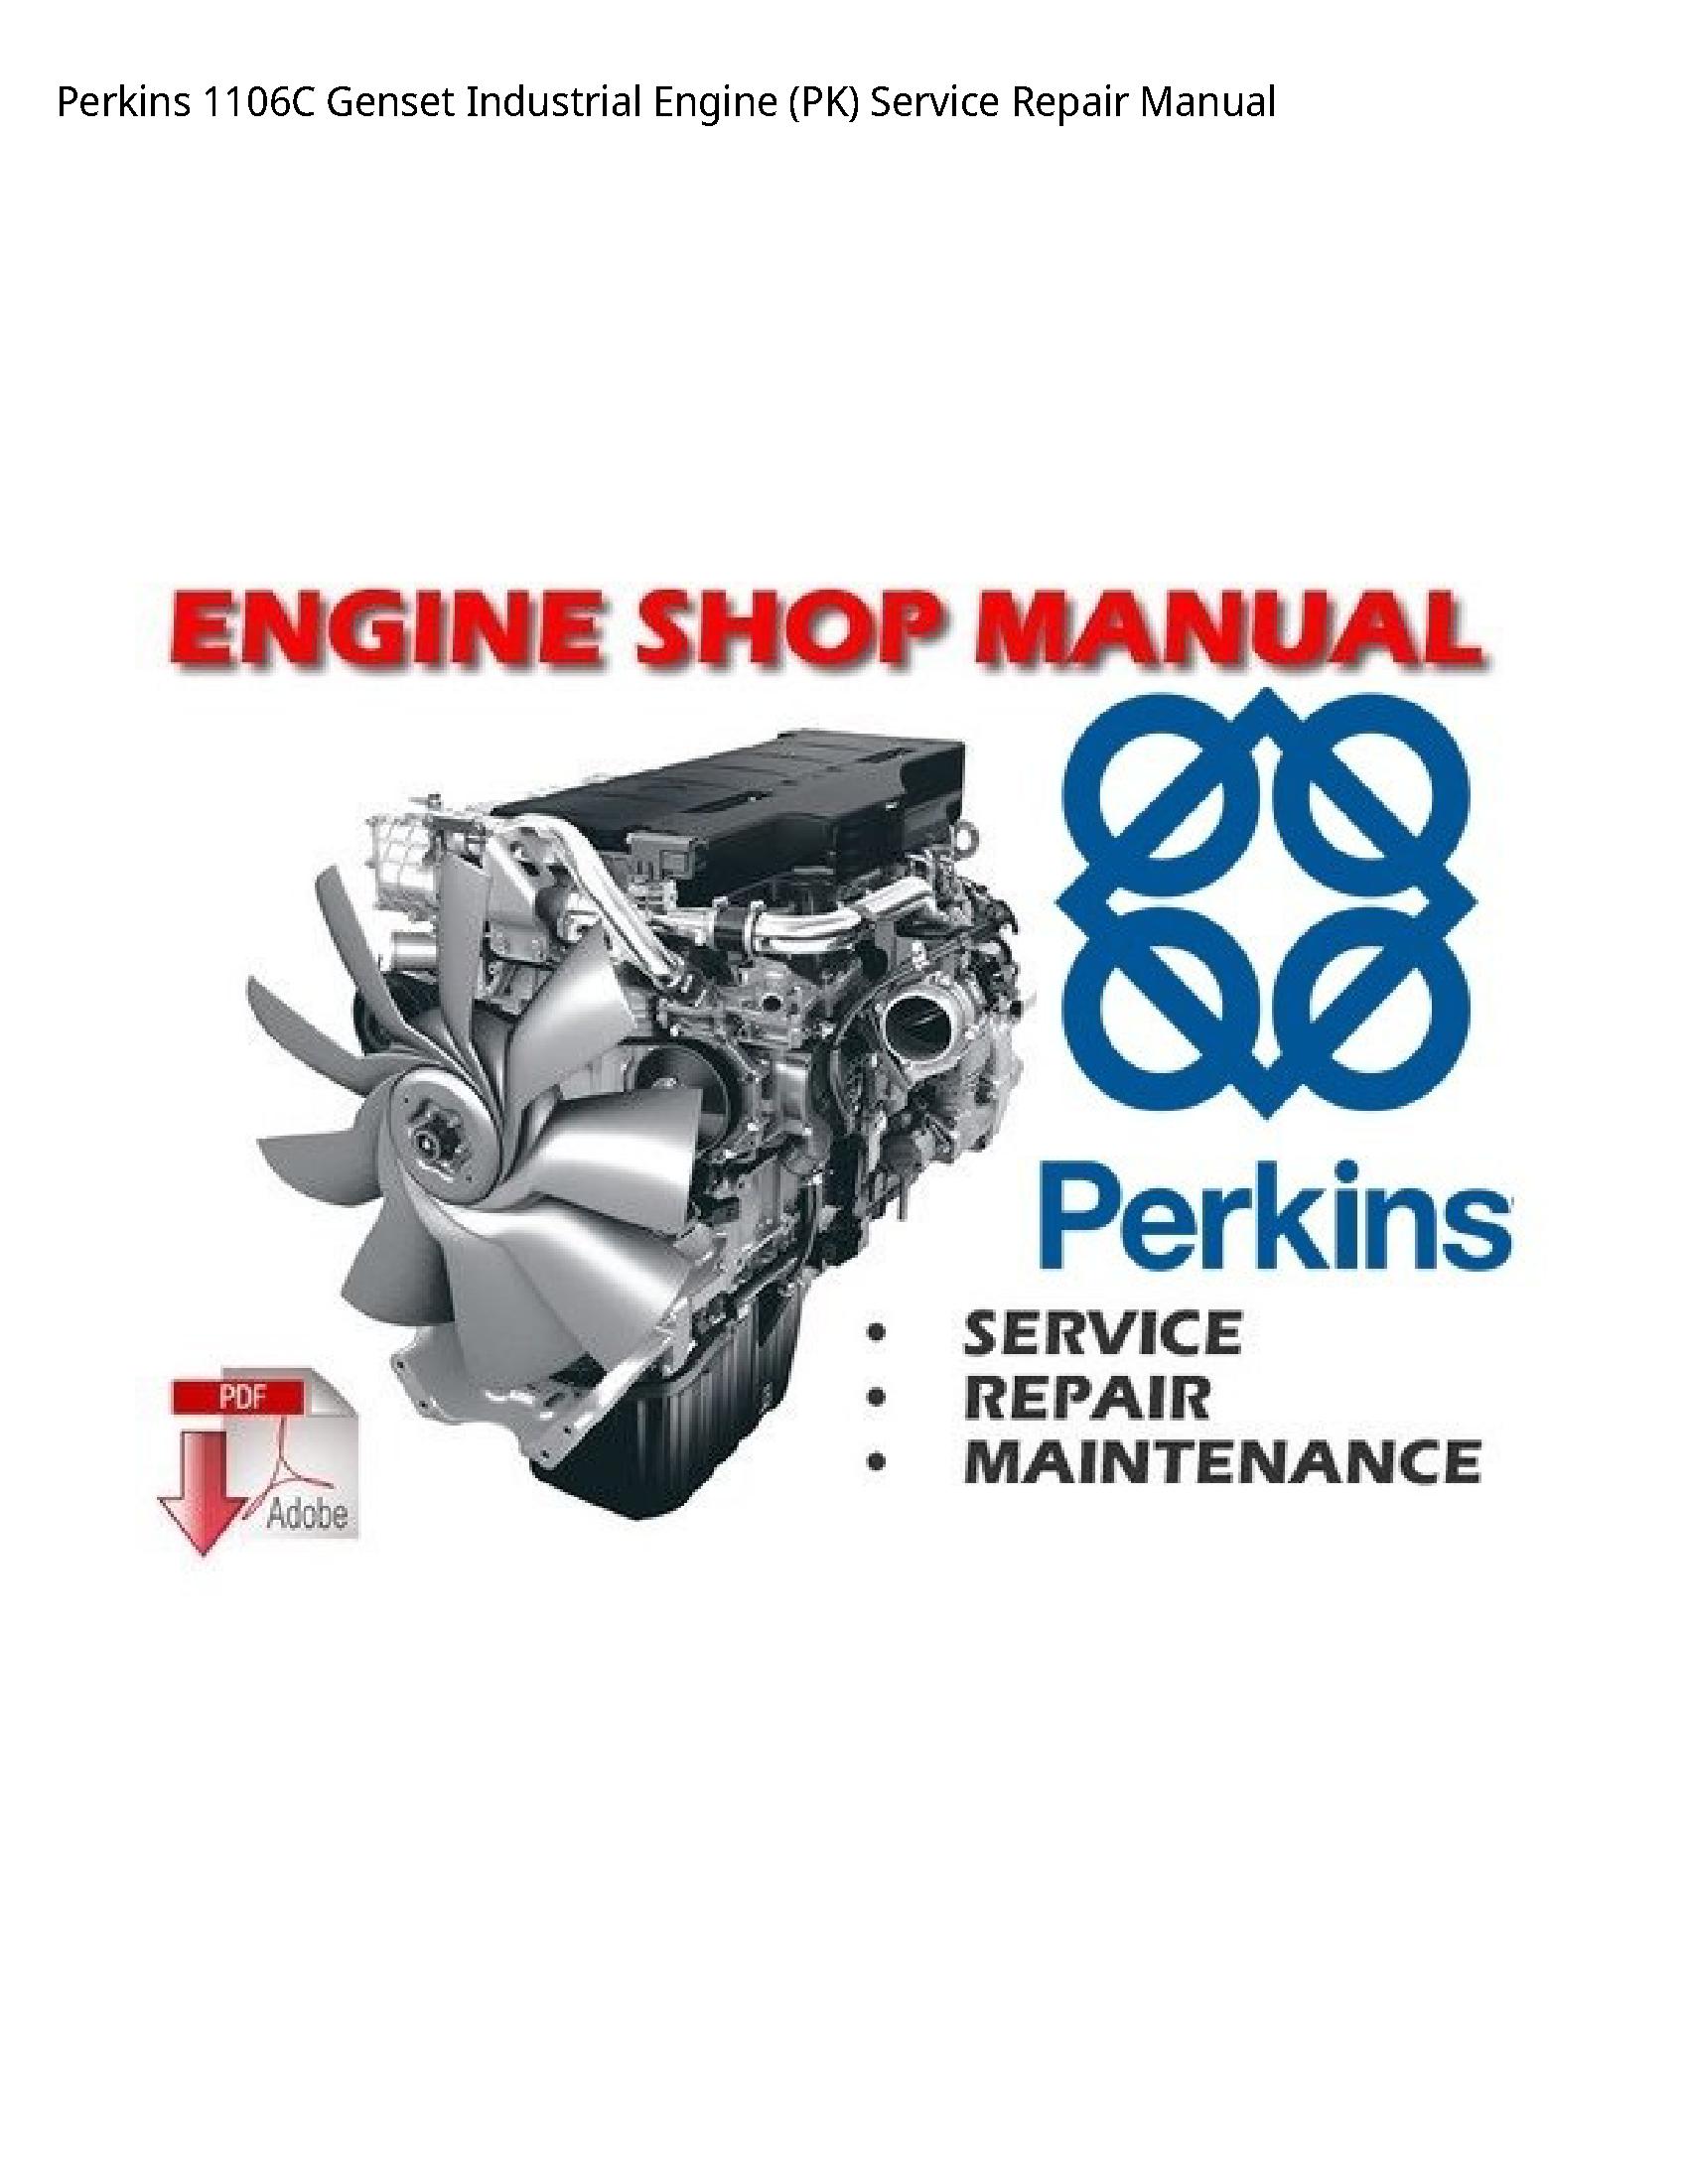 Perkins 1106C Genset Industrial Engine (PK) manual